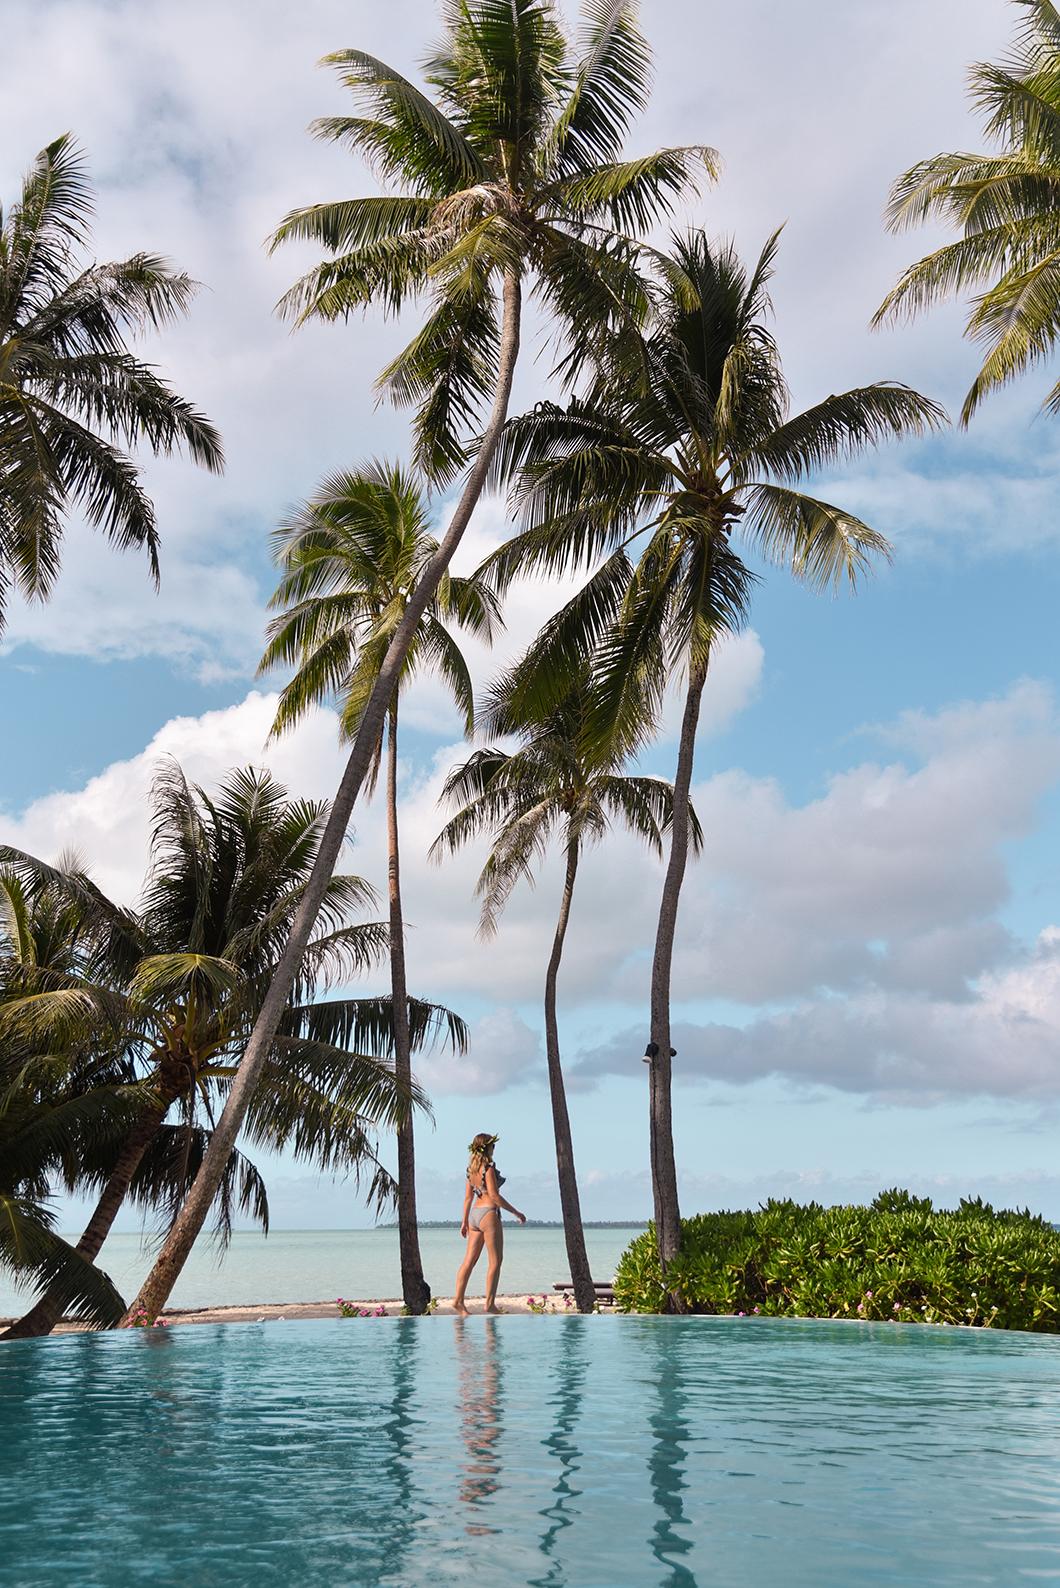 Nos hôtels préférés pour un voyage de noce en Polynésie Française